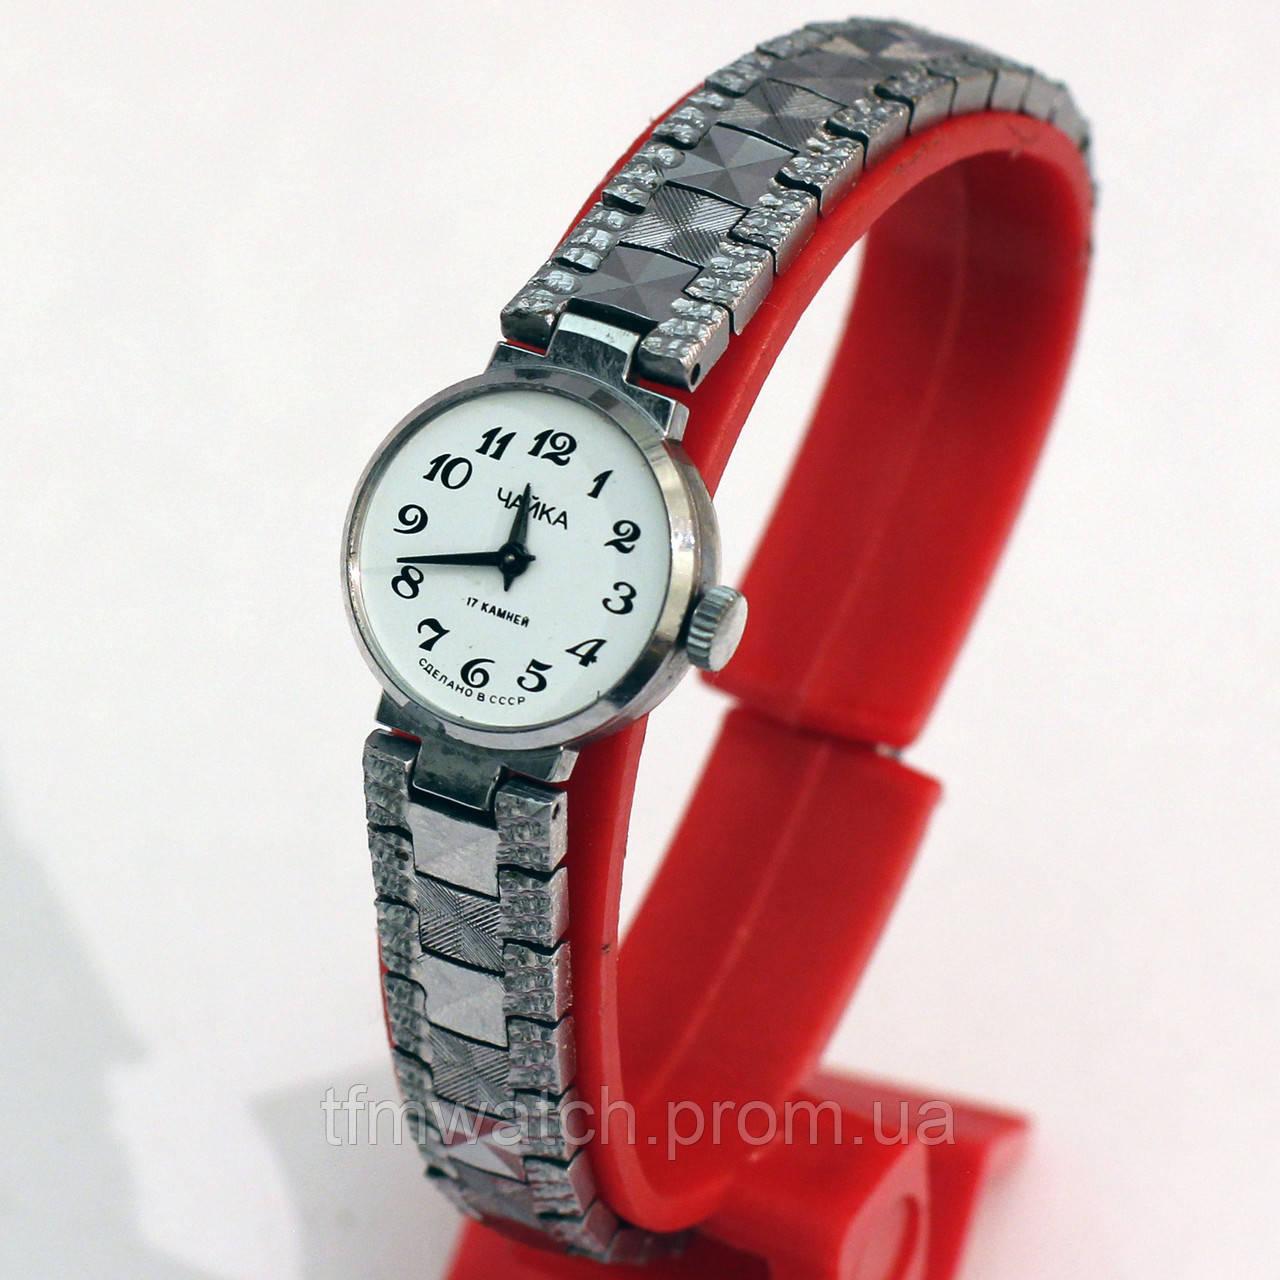 Чайка 17 камней часы СССР